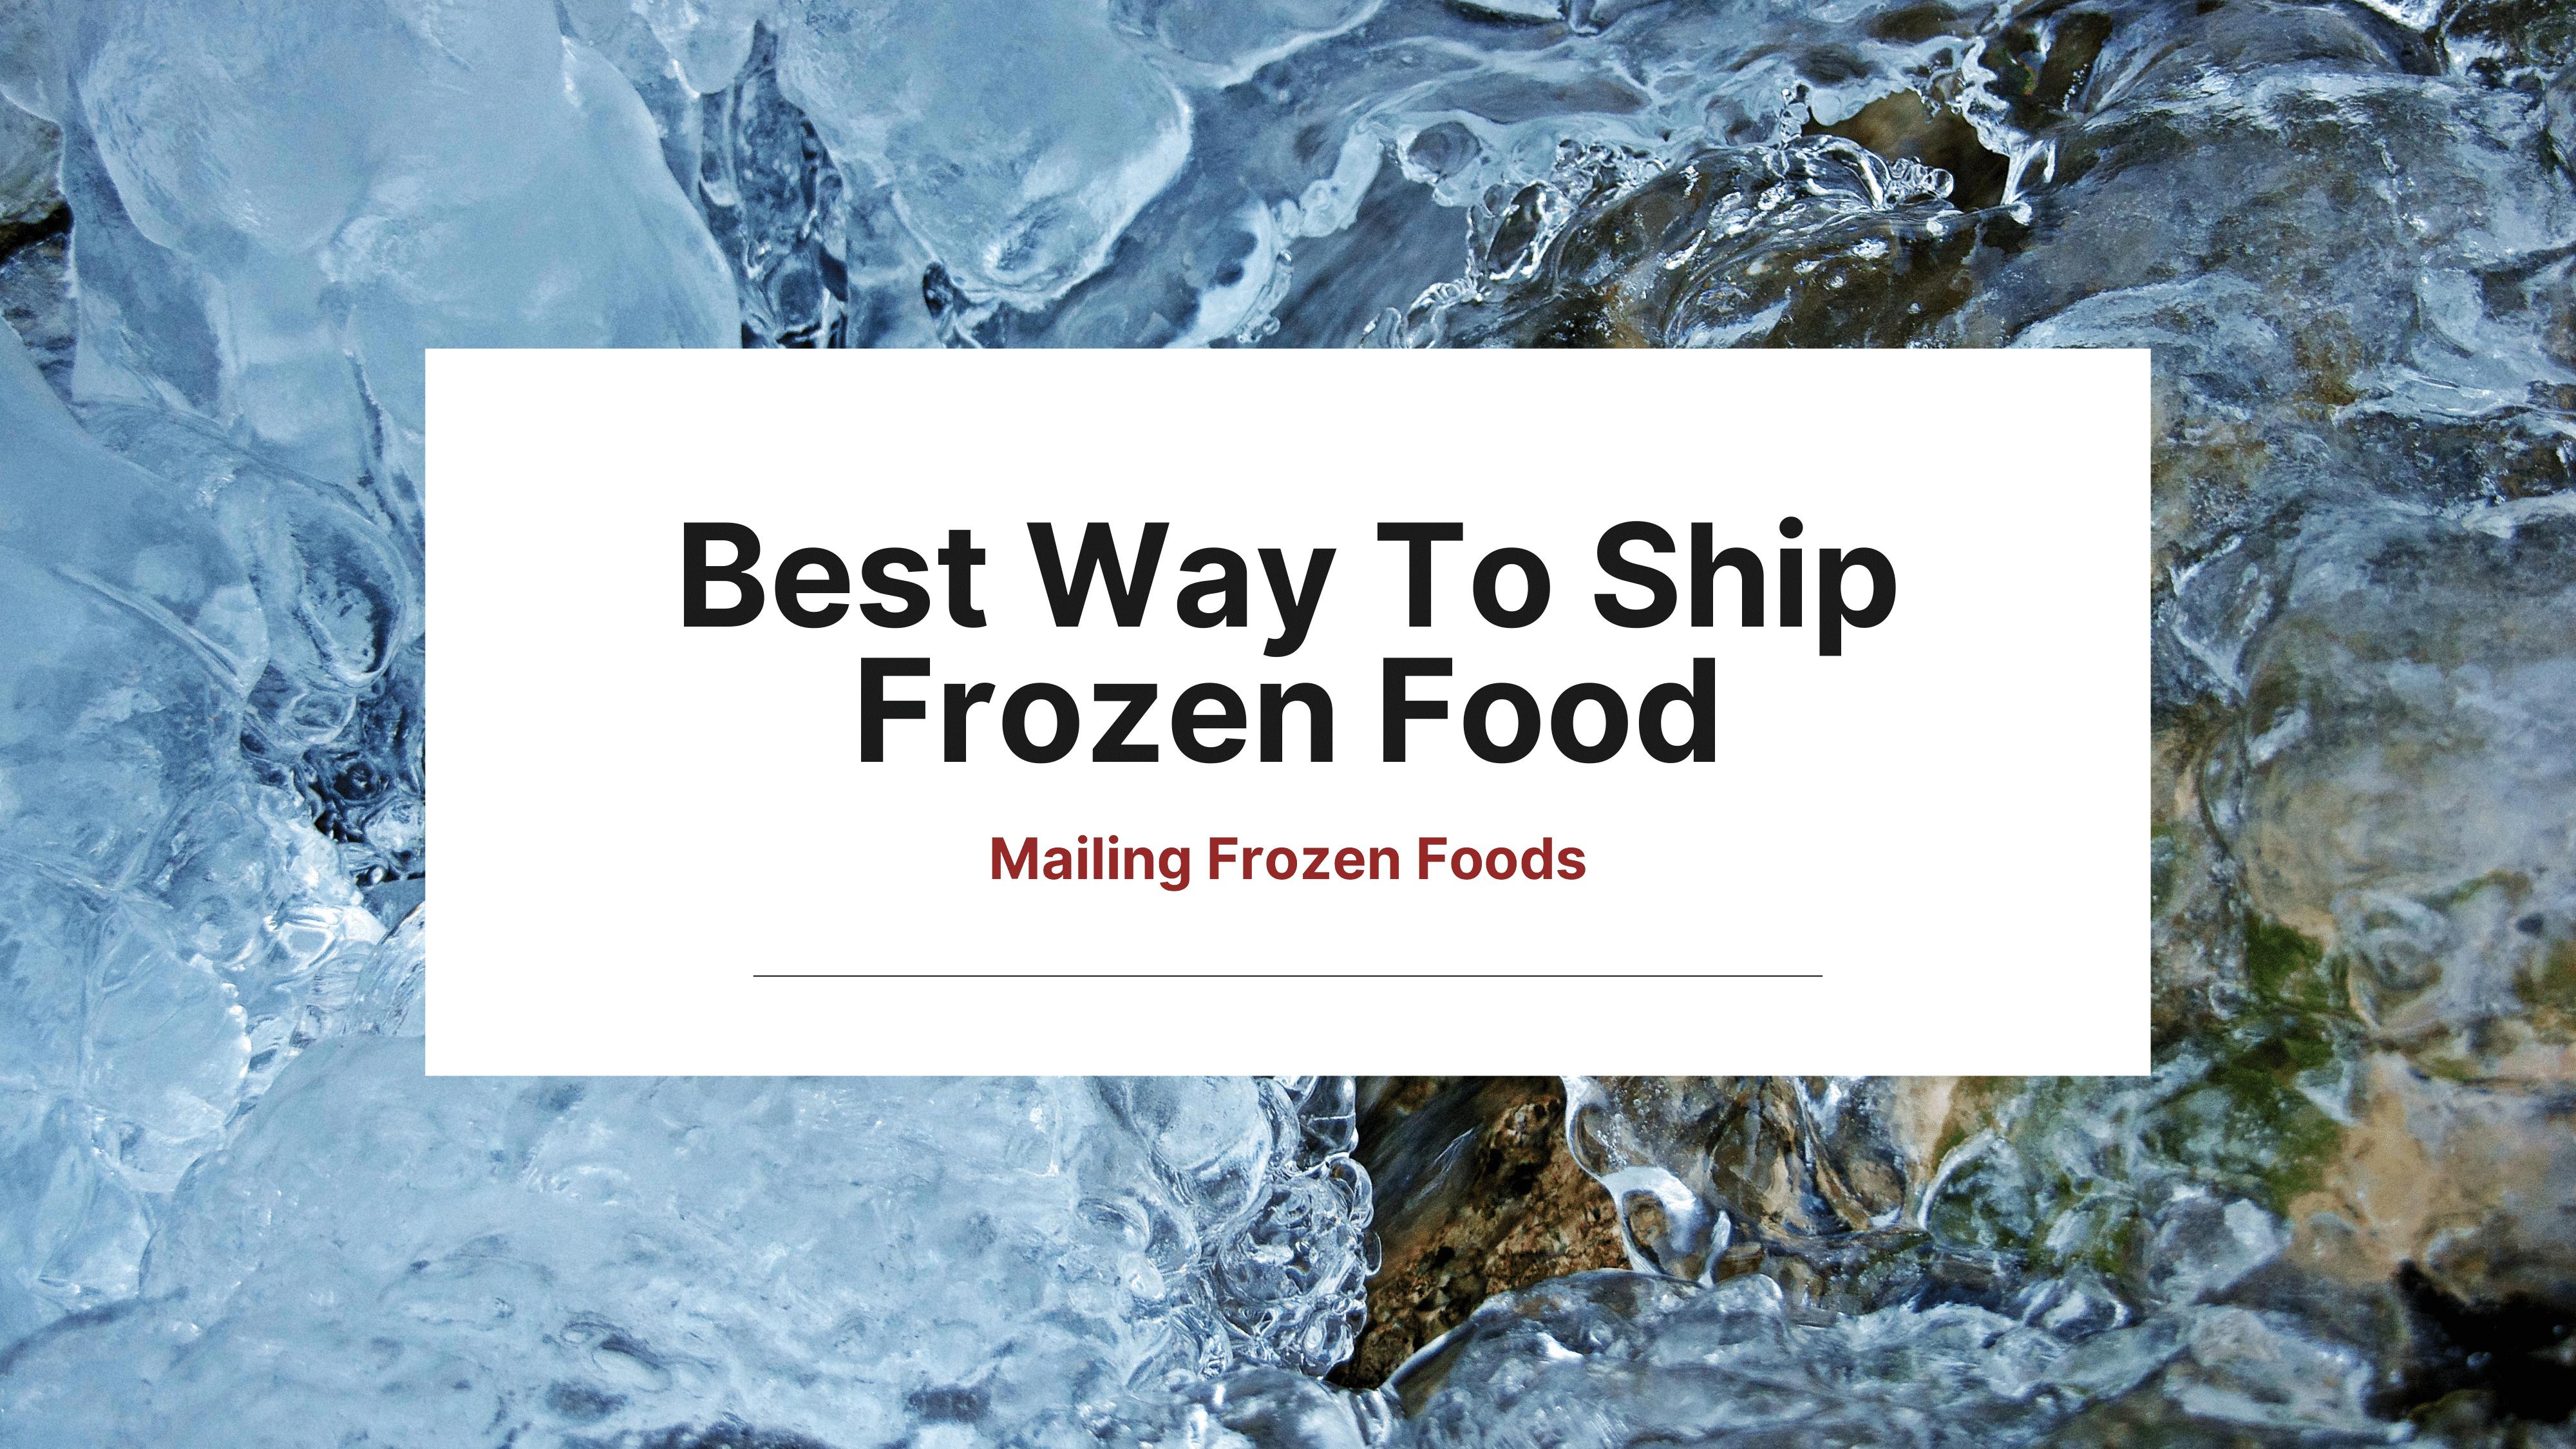 mailing-frozen-foods